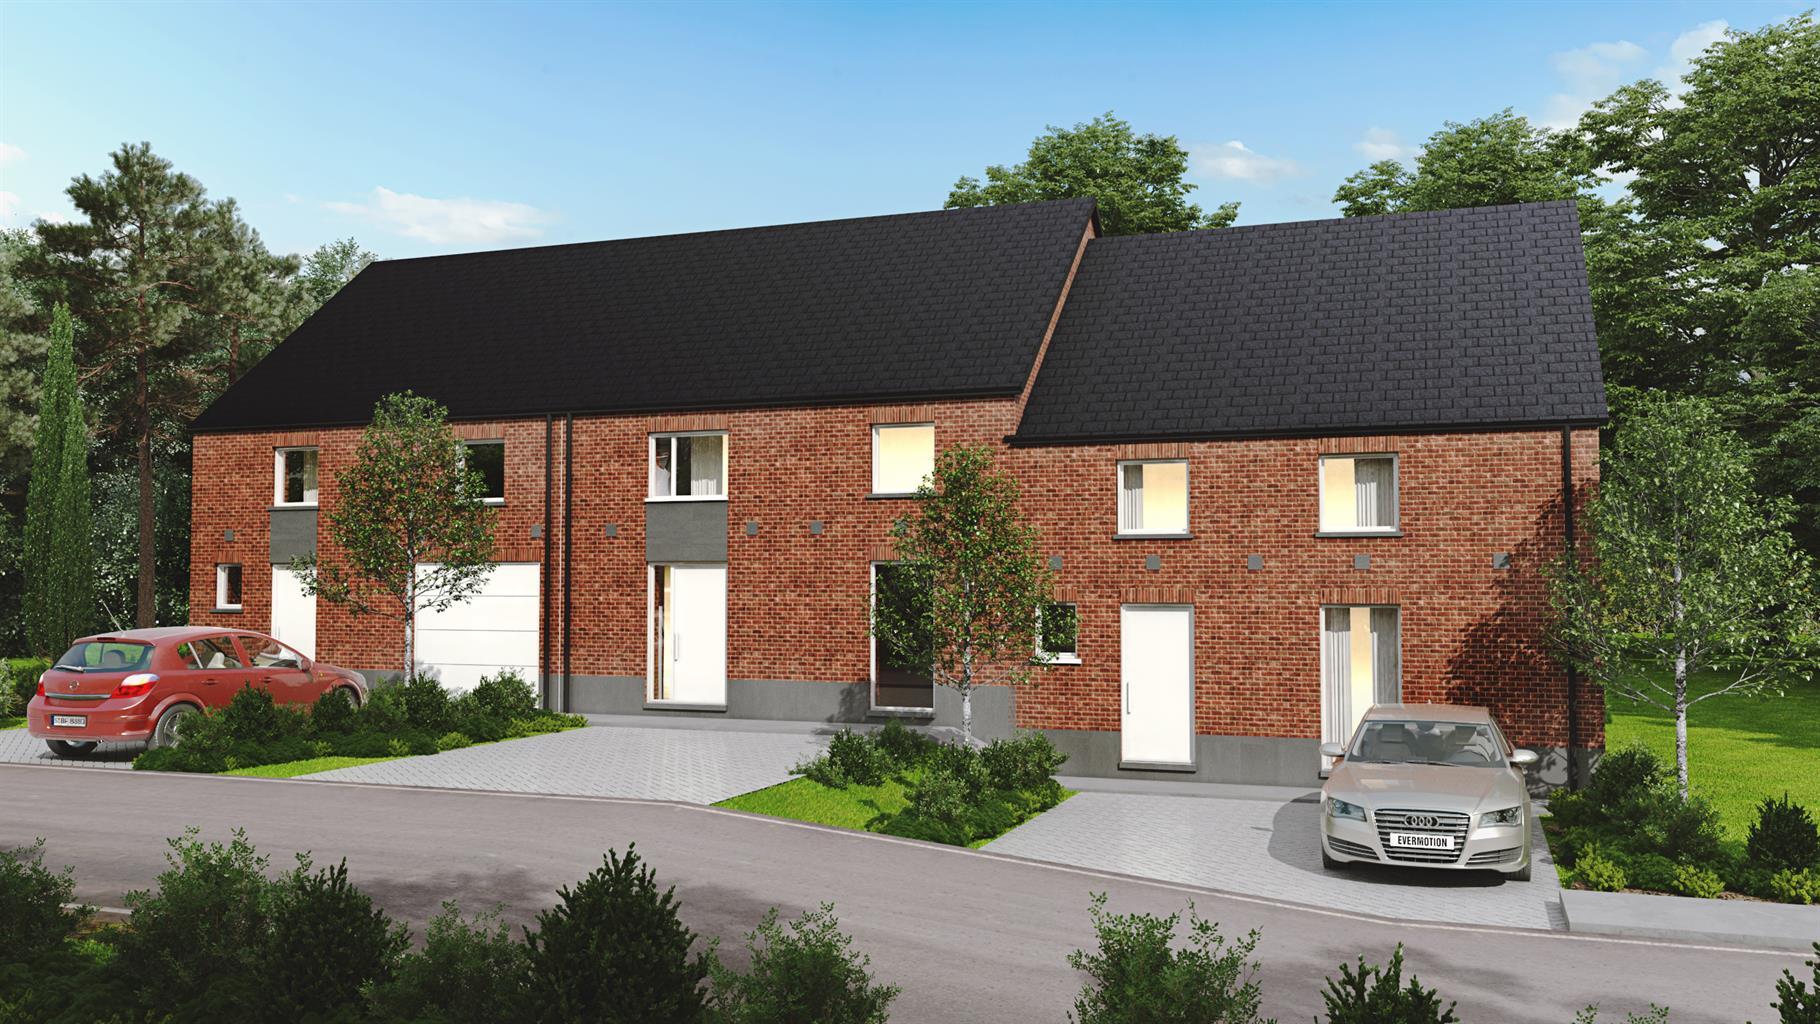 Maison - Le bois d'Hennuyères - Braine-le-Comte Hennuyères - #3857088-1